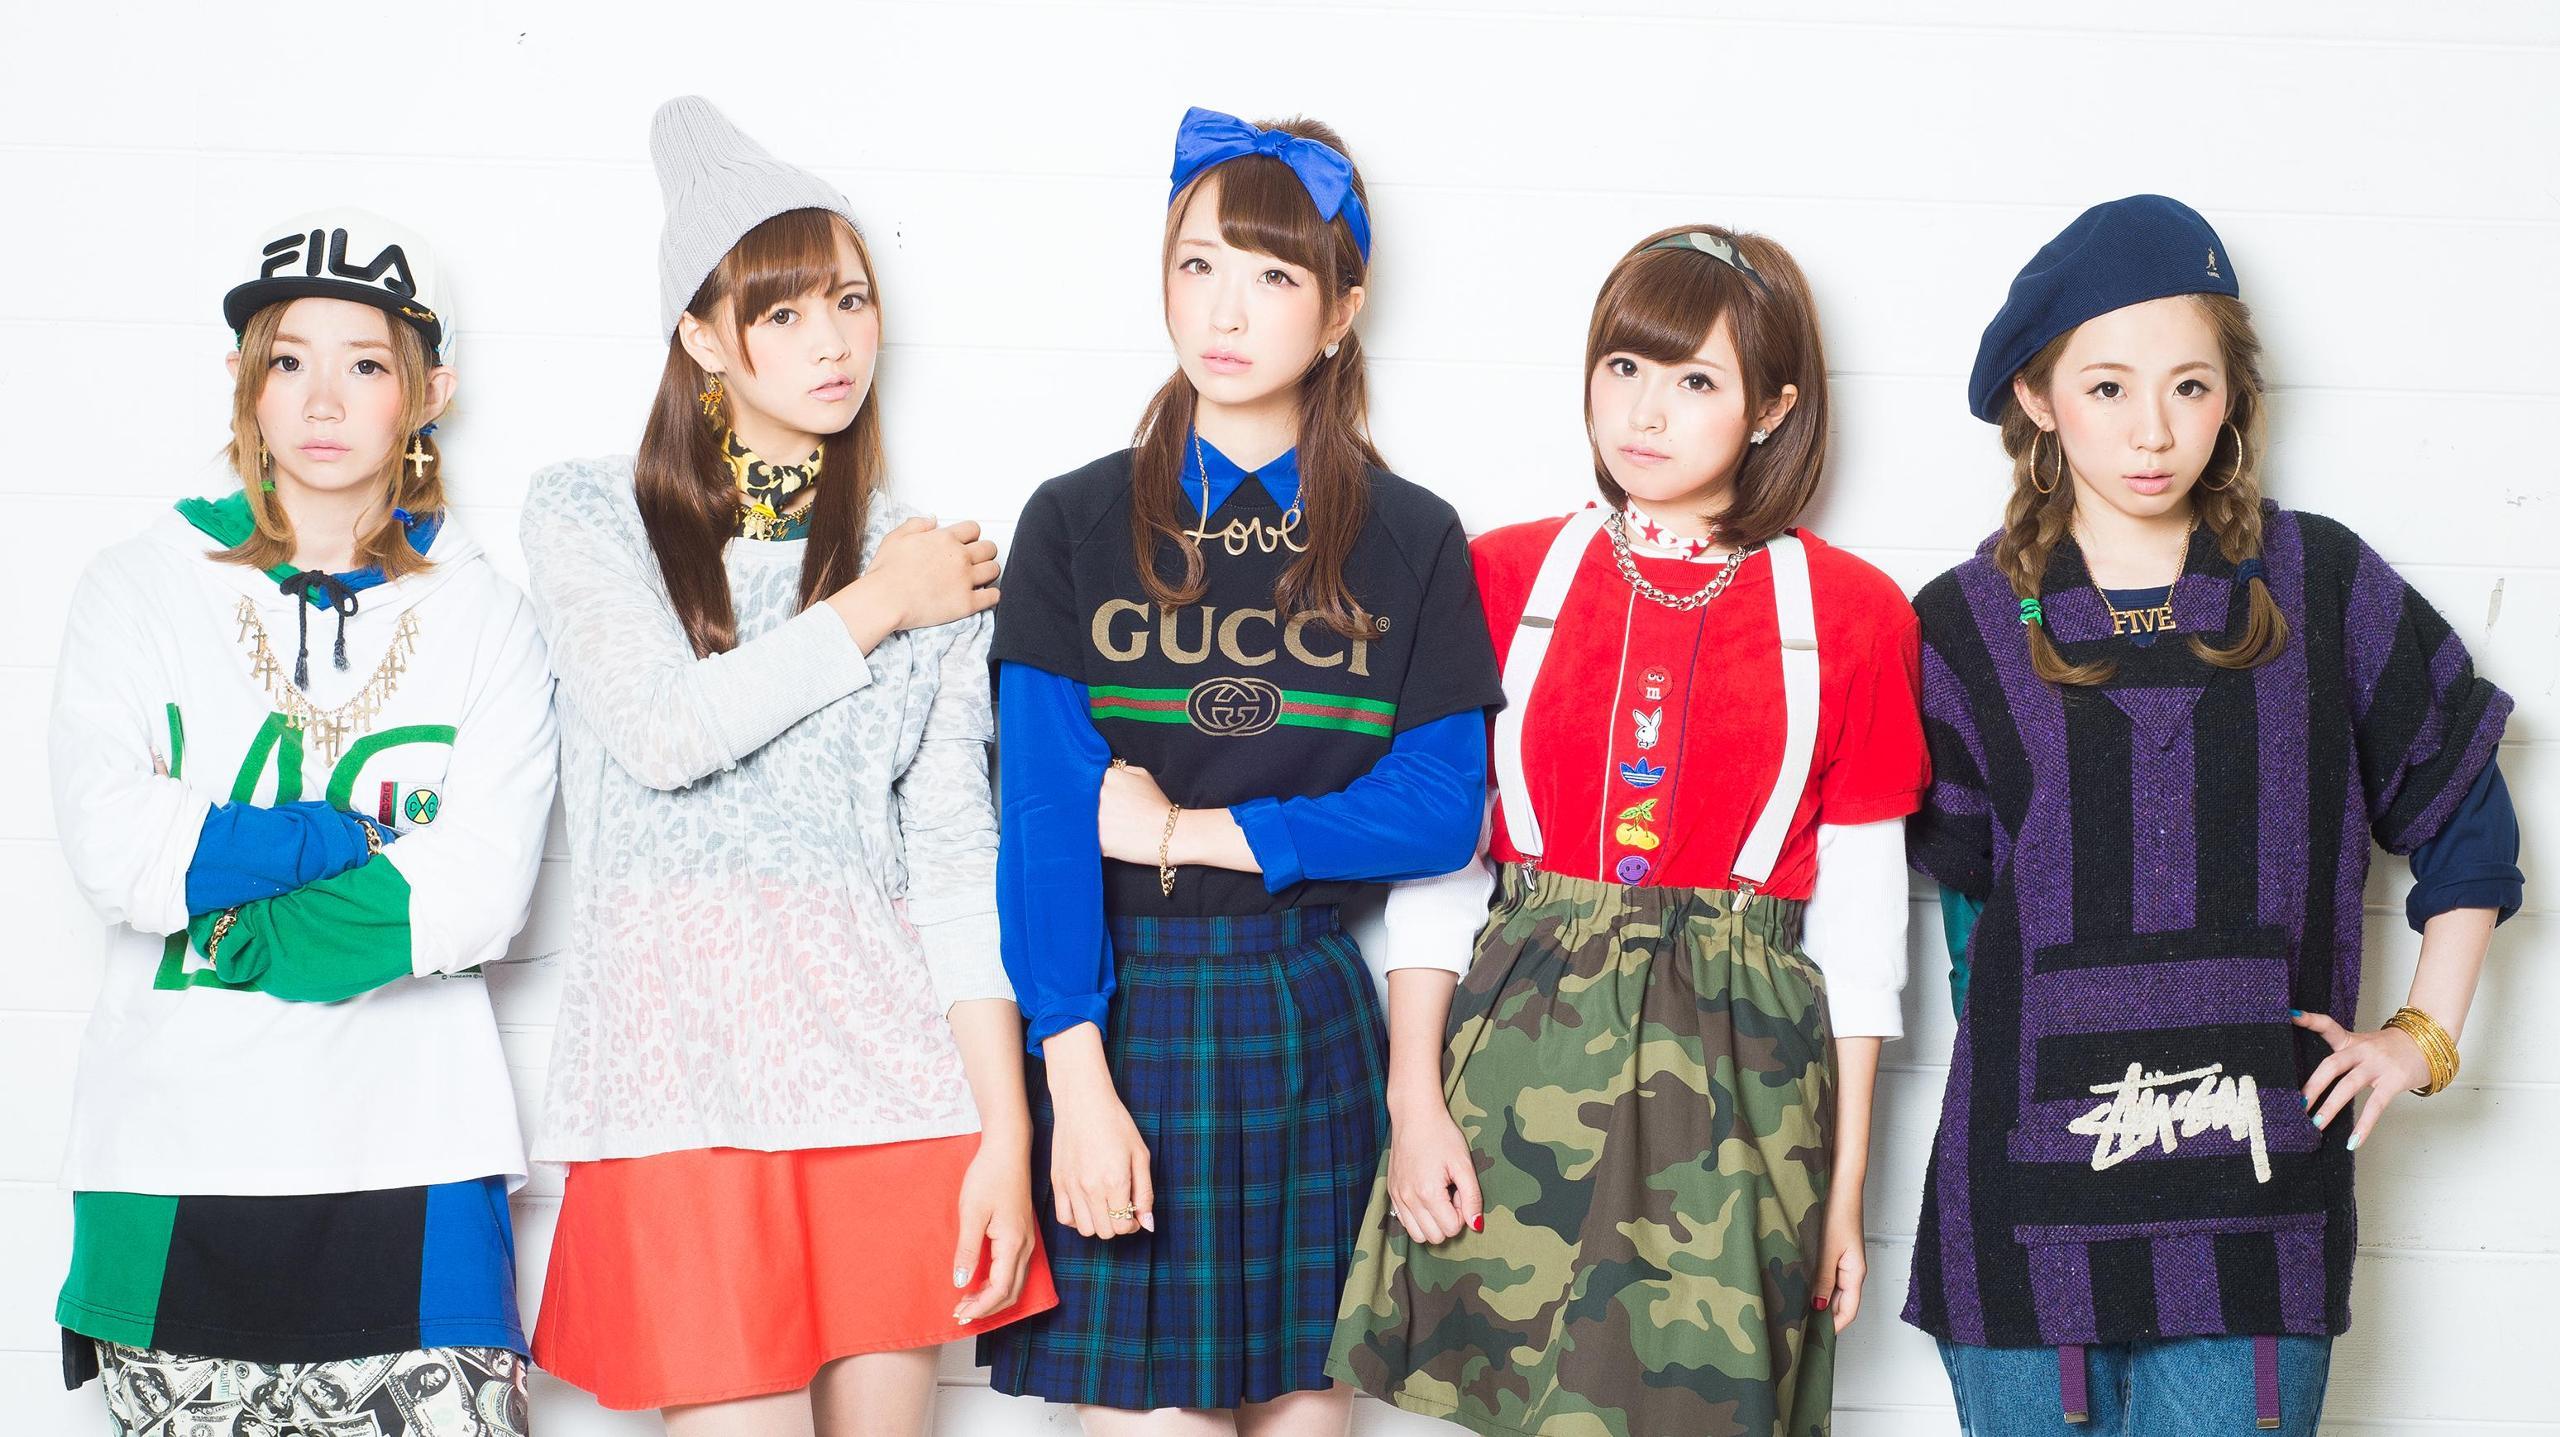 """""""Mucho GUSTO Especia"""" 2014 Tour -Viva FInal-に行ってきたしいろいろ考えたよ!!!"""